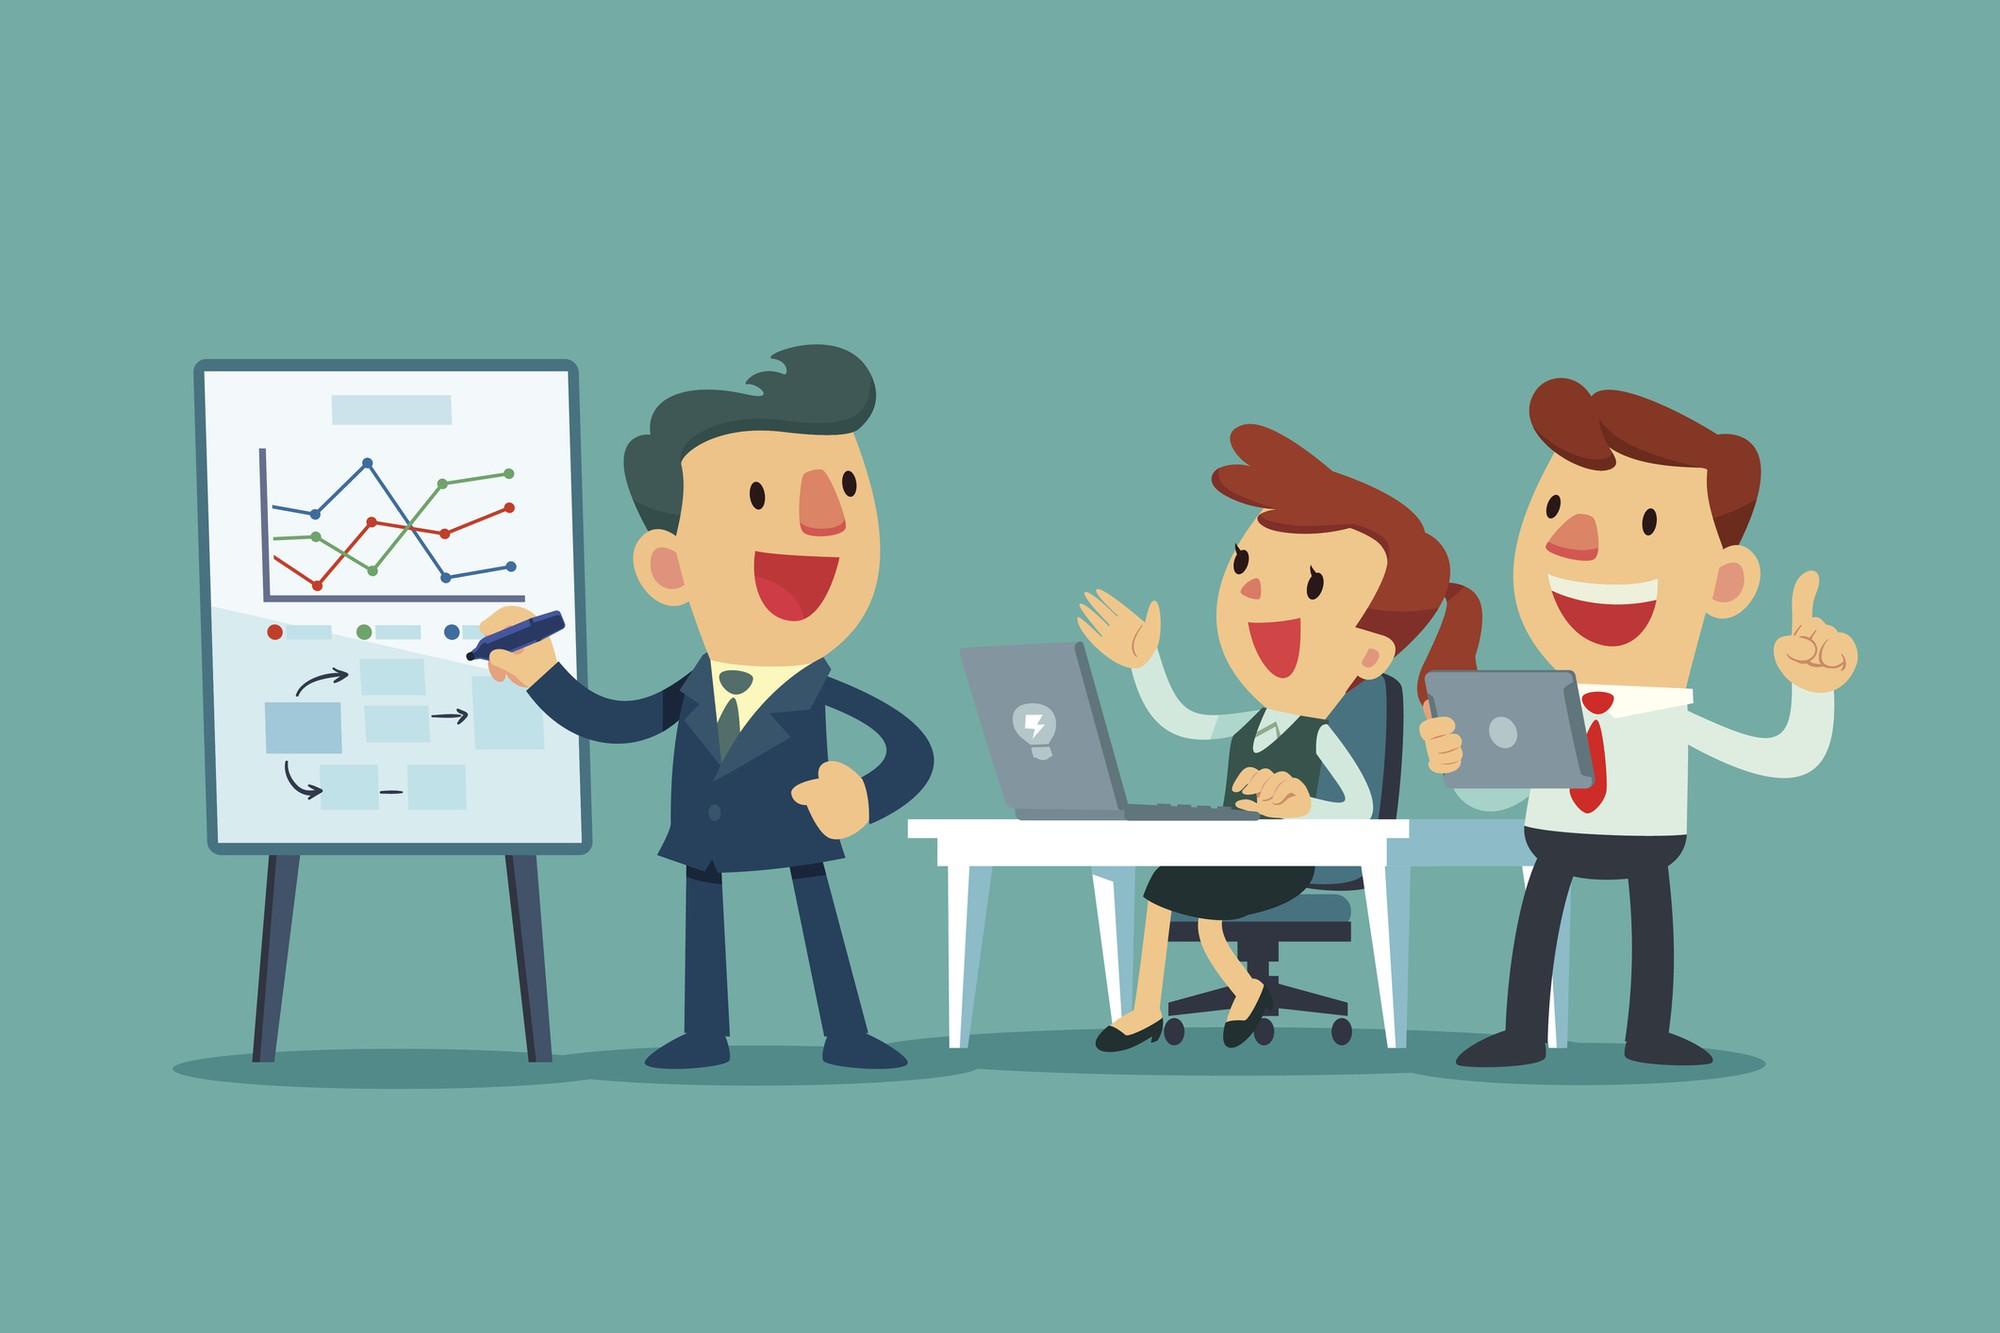 Kinh doanh là gì? Đặc điểm của các hoạt động kinh doanh